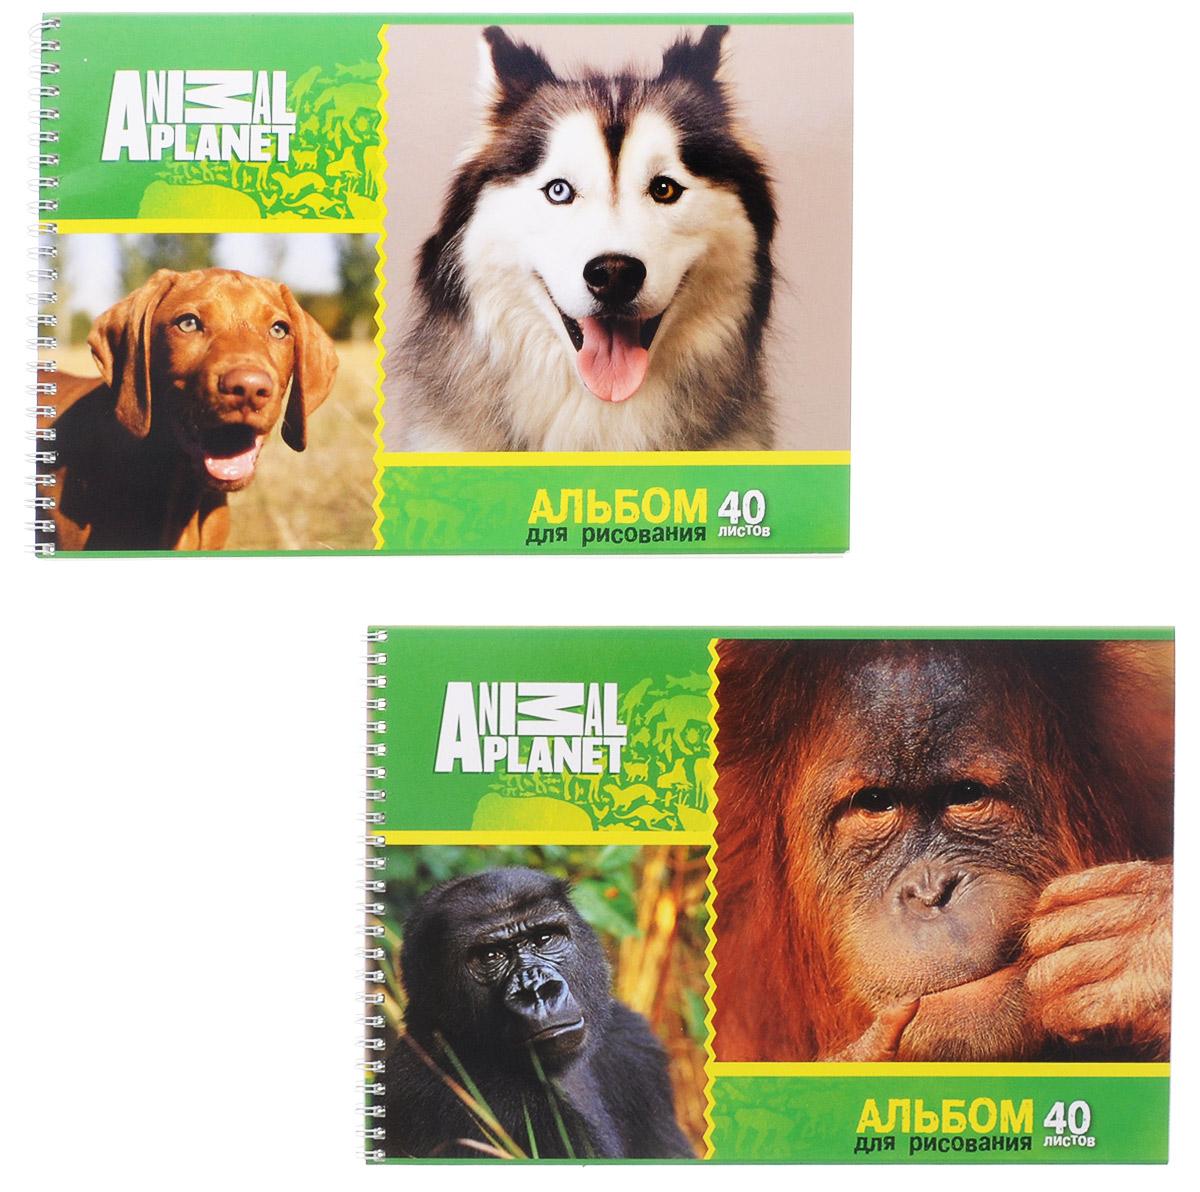 Action! Набор альбомов для рисования Собаки и обезьяны 40 листов 2 шт альбом для рисования action animal planet на гребне 40 листов в ассортименте